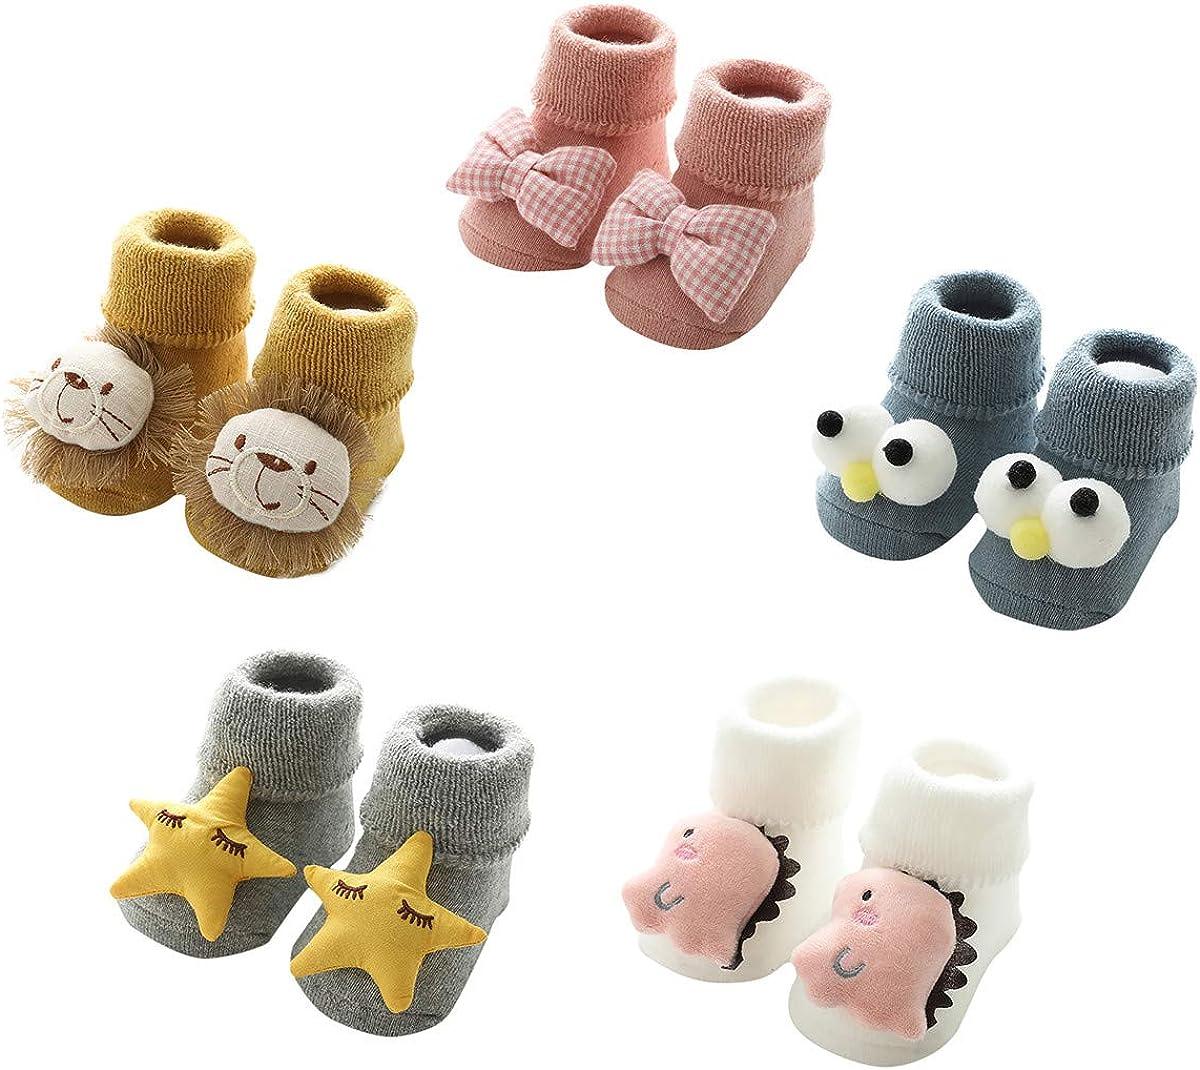 Soft Thick Infant Toddler Socks -Non Slip Socks Warm Cotton Floor Socks,Cute Animal Patterns for Boys Girls From 6-36 Months